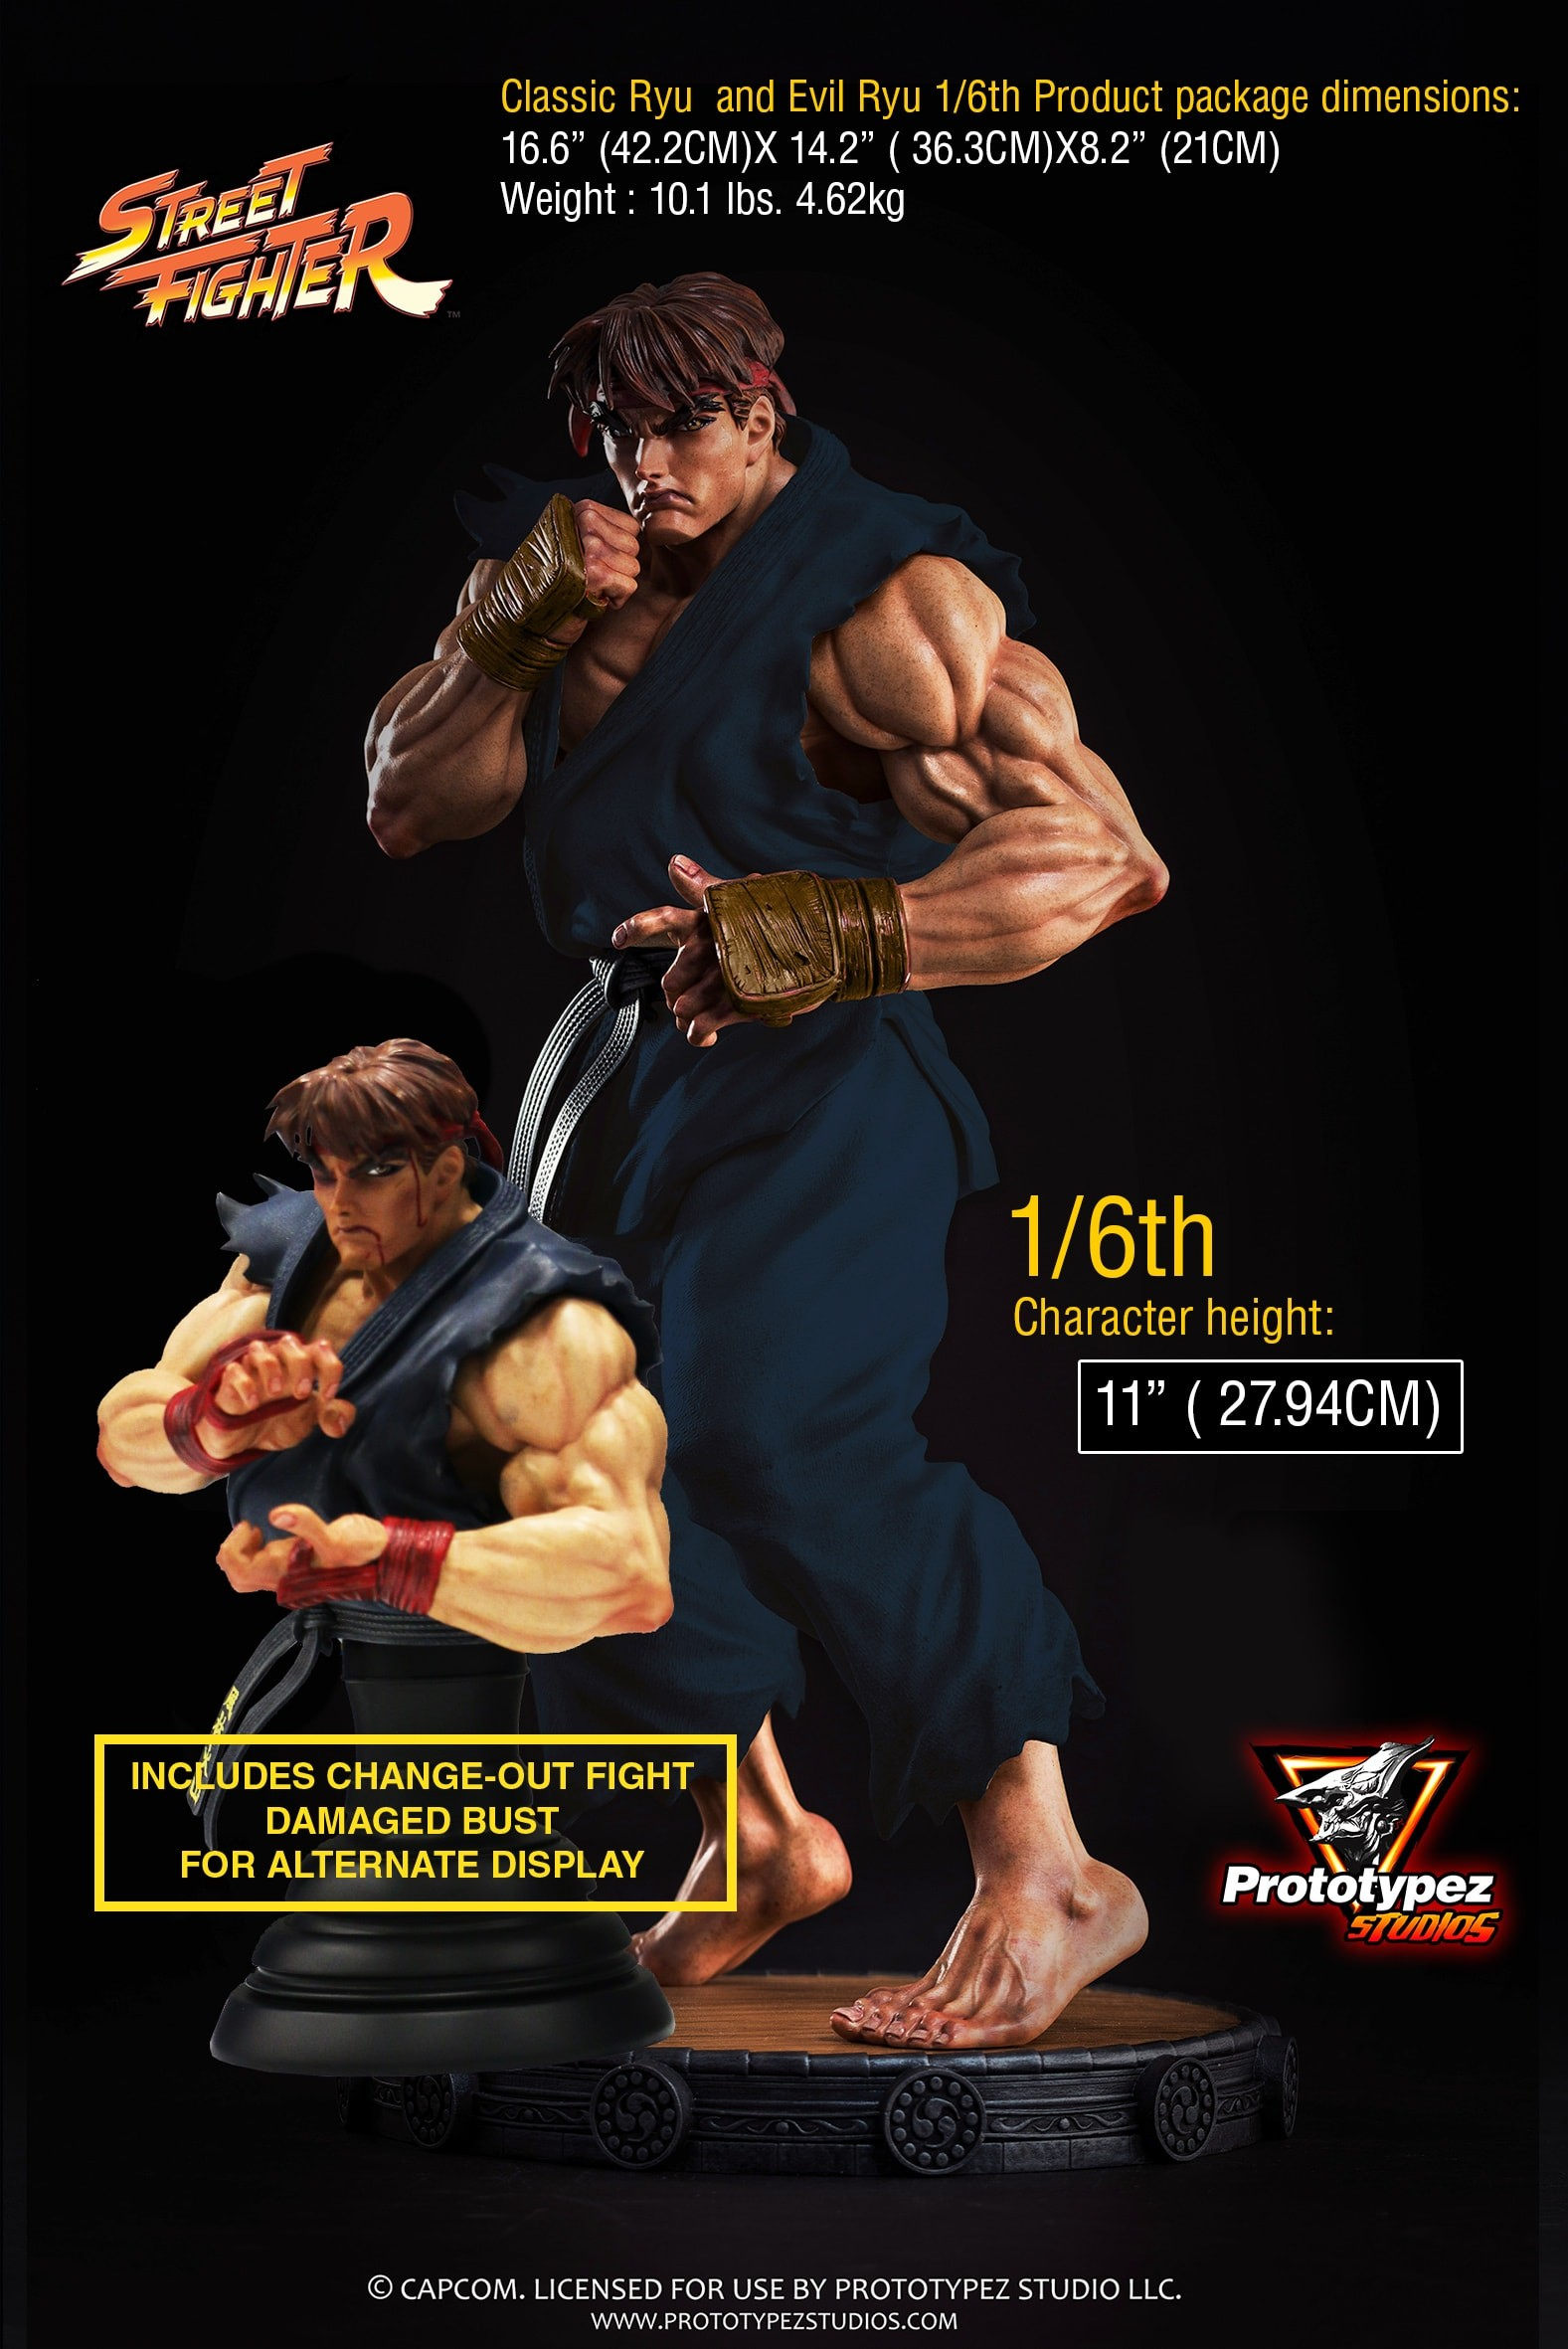 Prototypez Studios 1/6 Classic Ryu & Evil Ryu